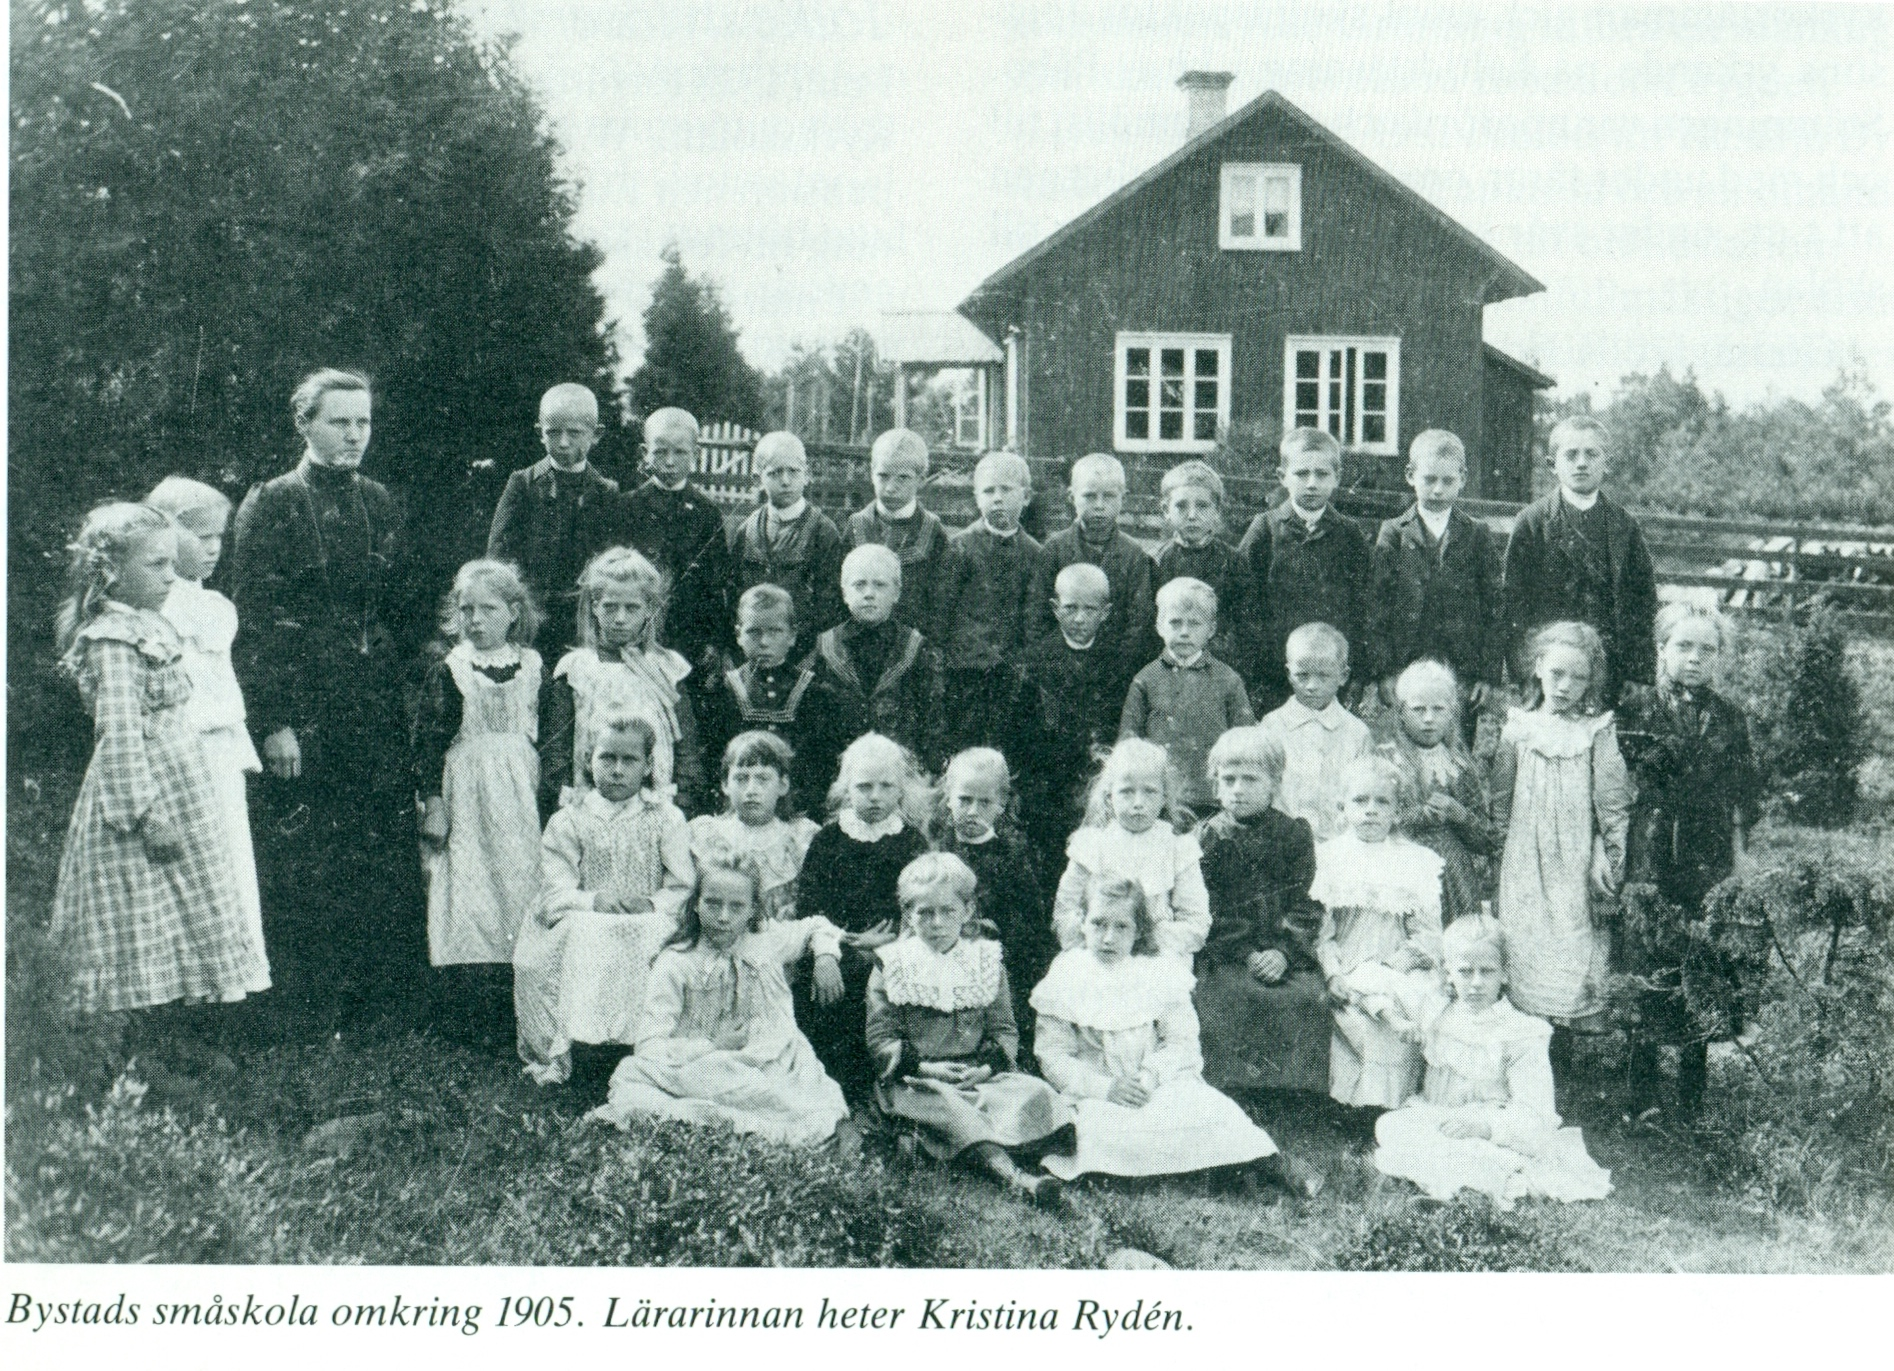 Bystads småskola omkring 1905